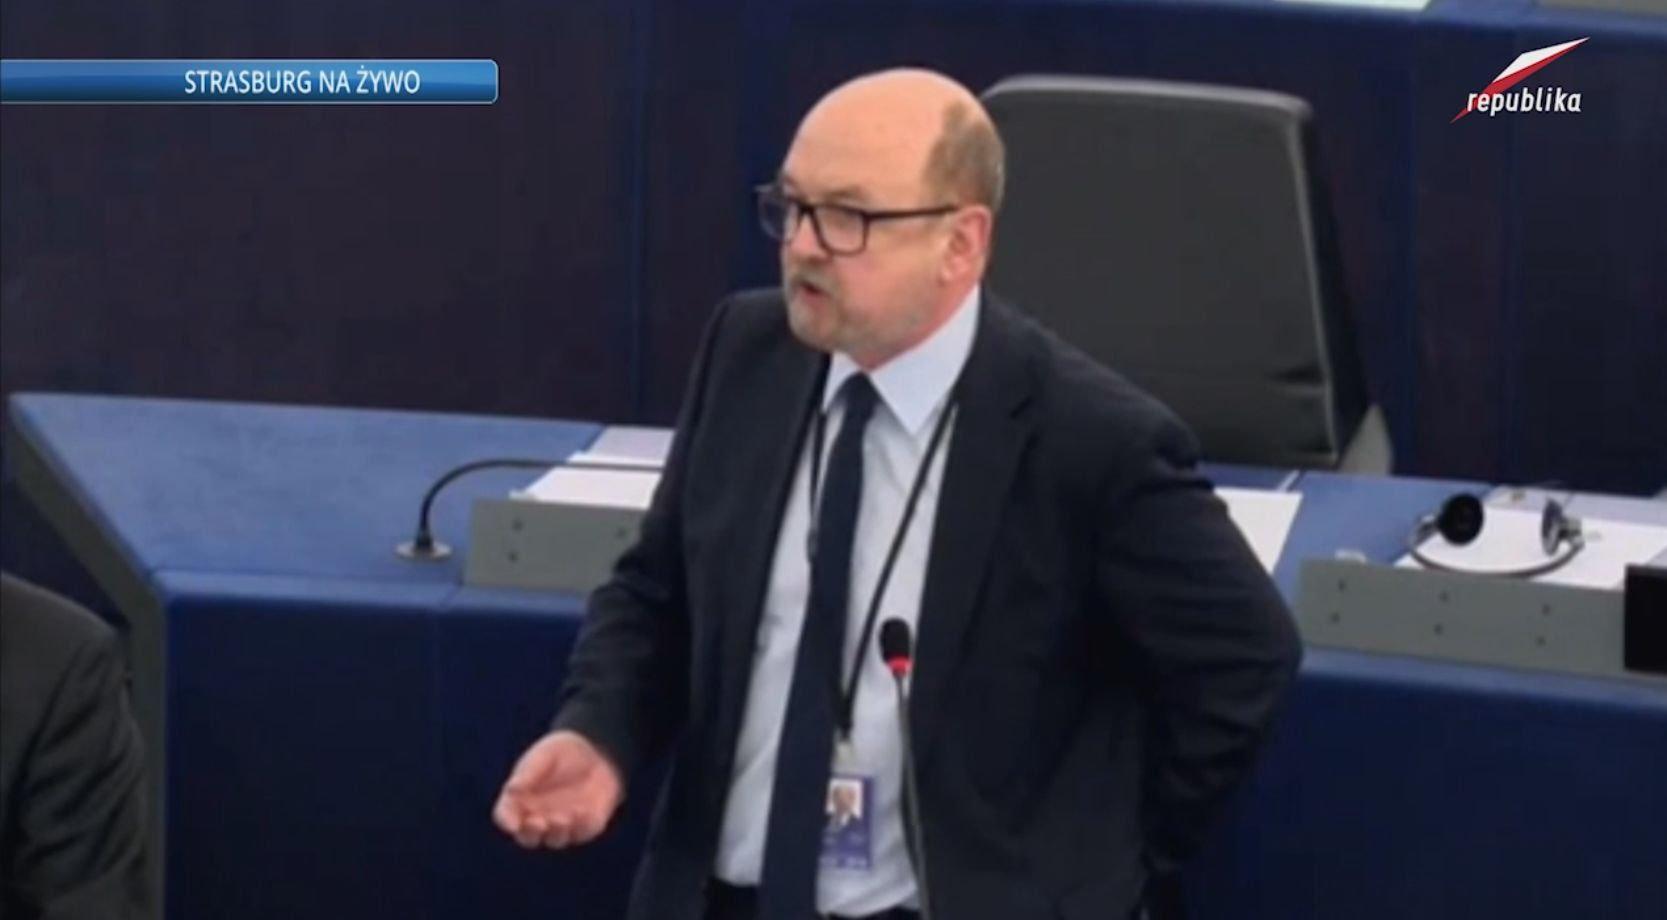 """Ryszard Legutko o Brexicie i sternikach UE. """"Te same słowa, te same wykrzywione twarze, te same obelgi, tylko może w większym nasileniu"""""""